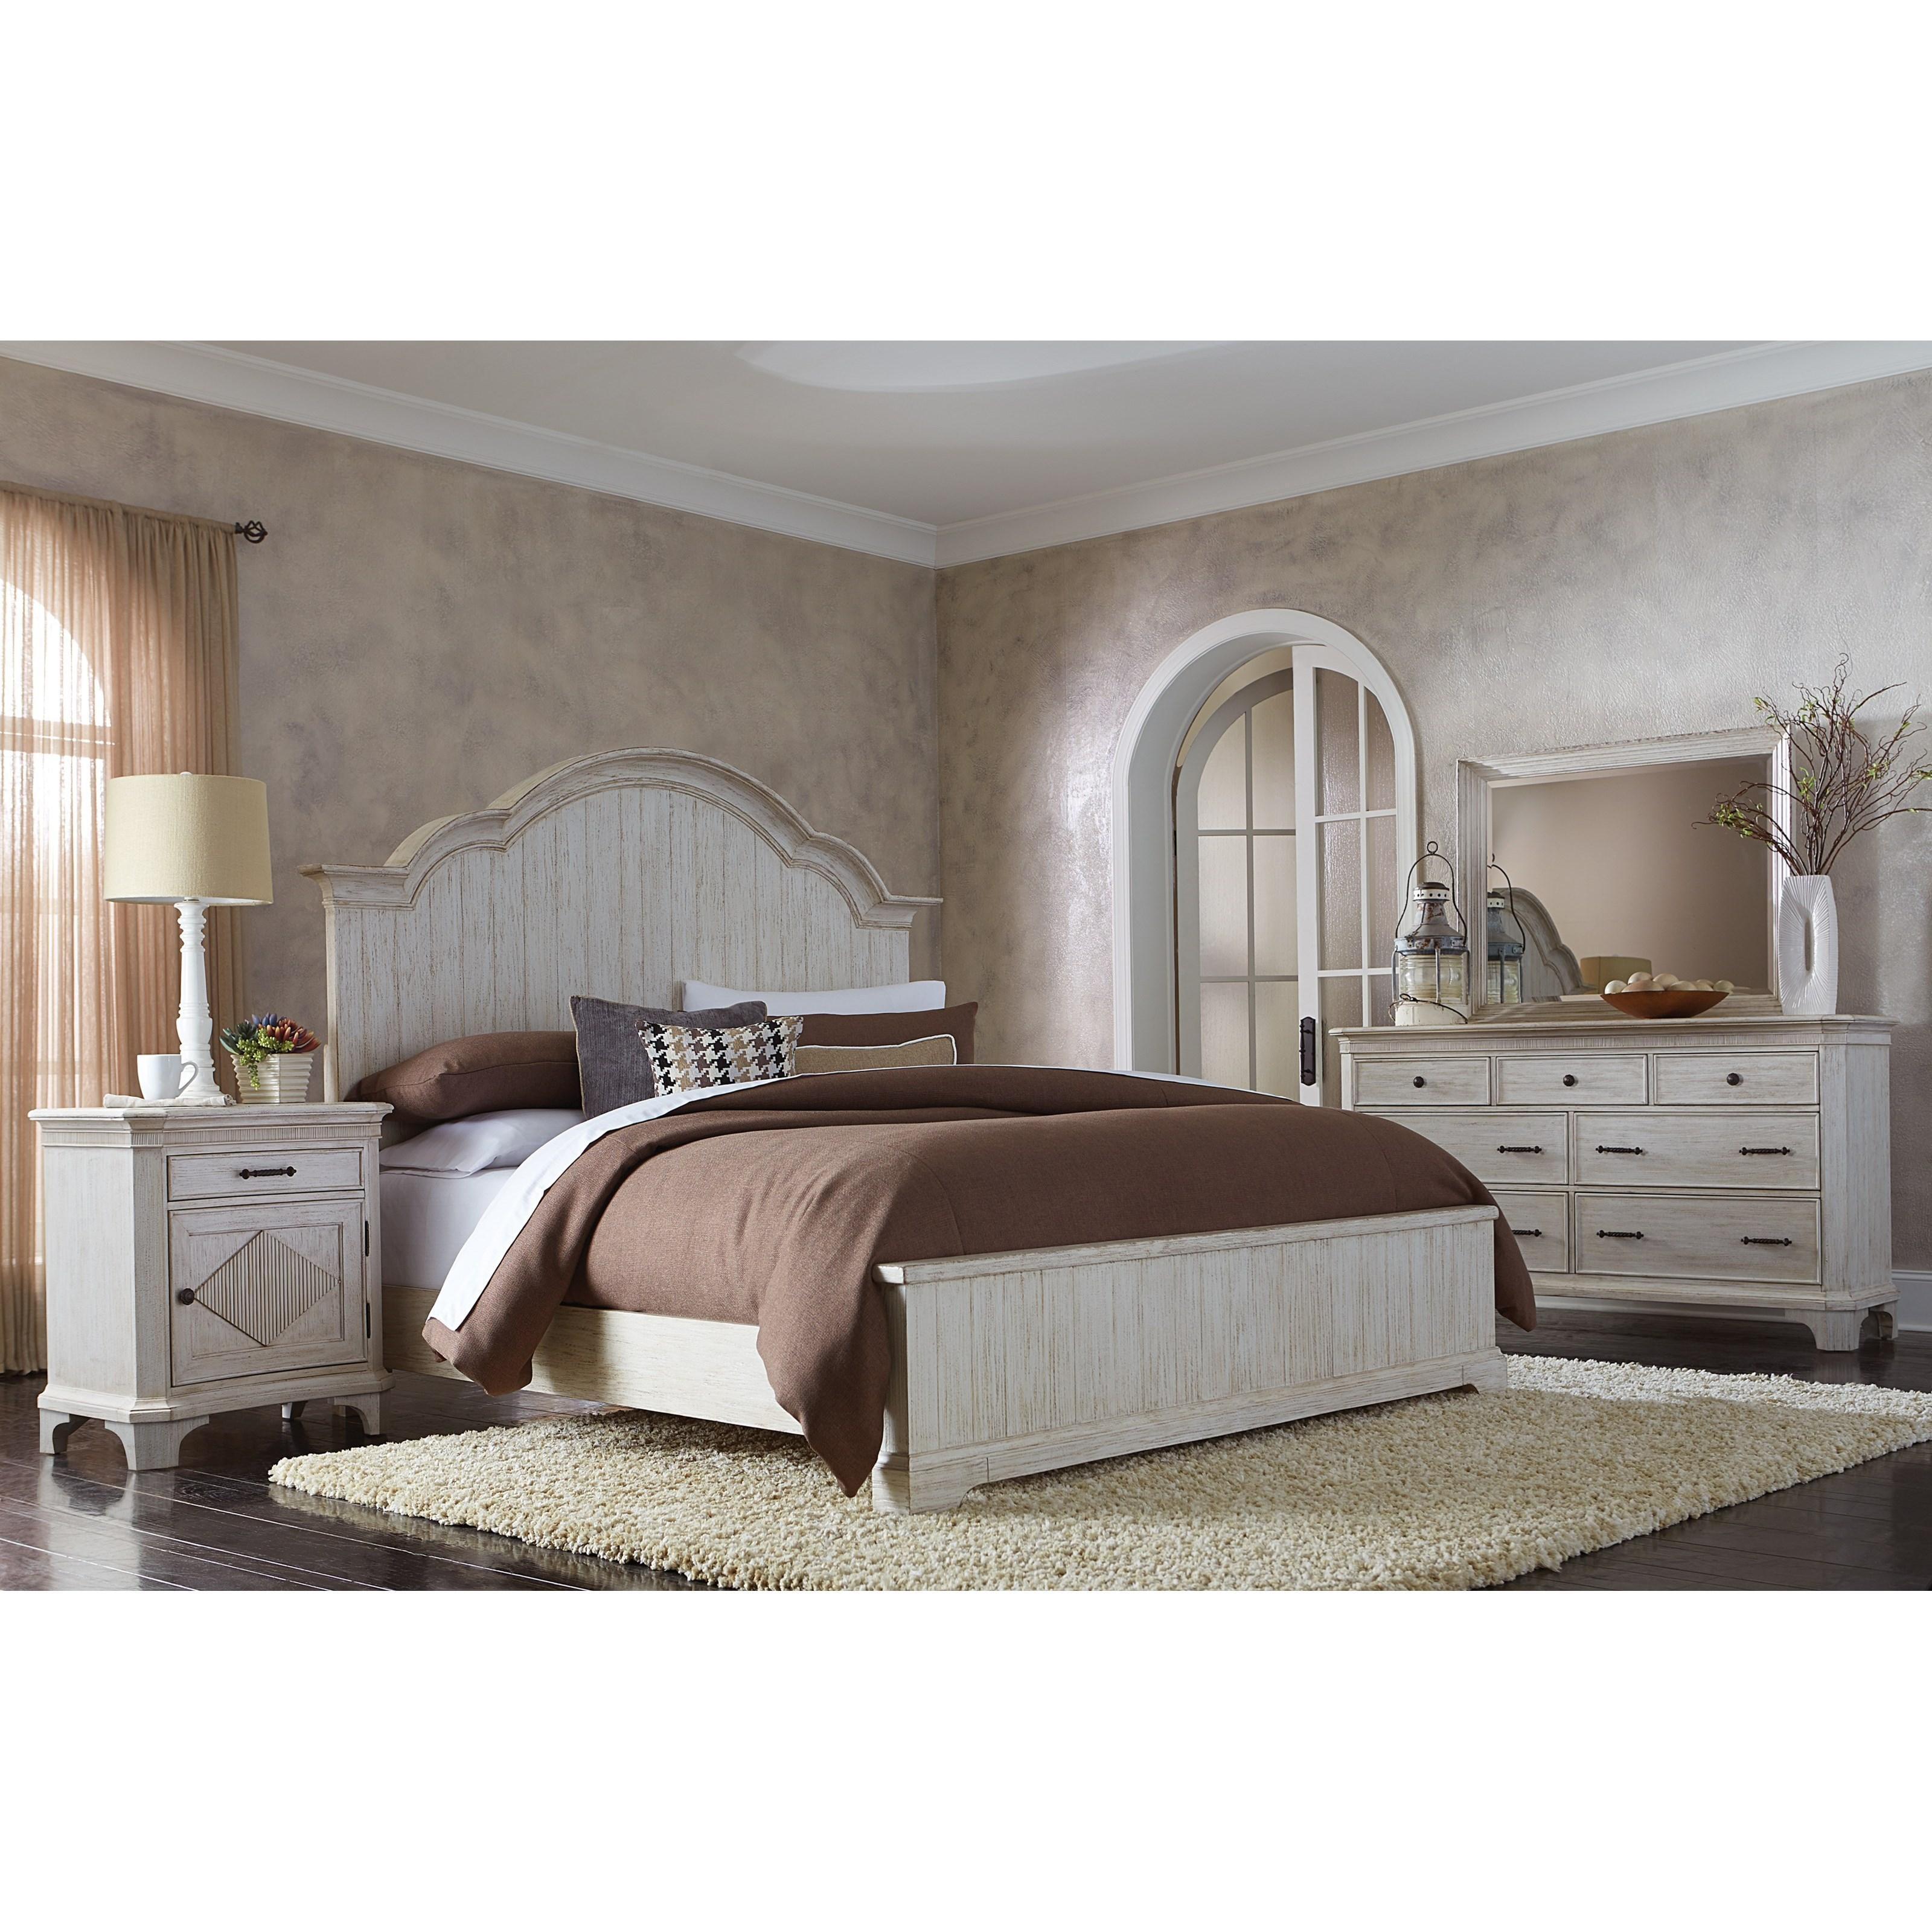 Riverside Furniture Aberdeen Queen Bedroom Group 1 - Item Number: 212 Q Bedroom Group 1